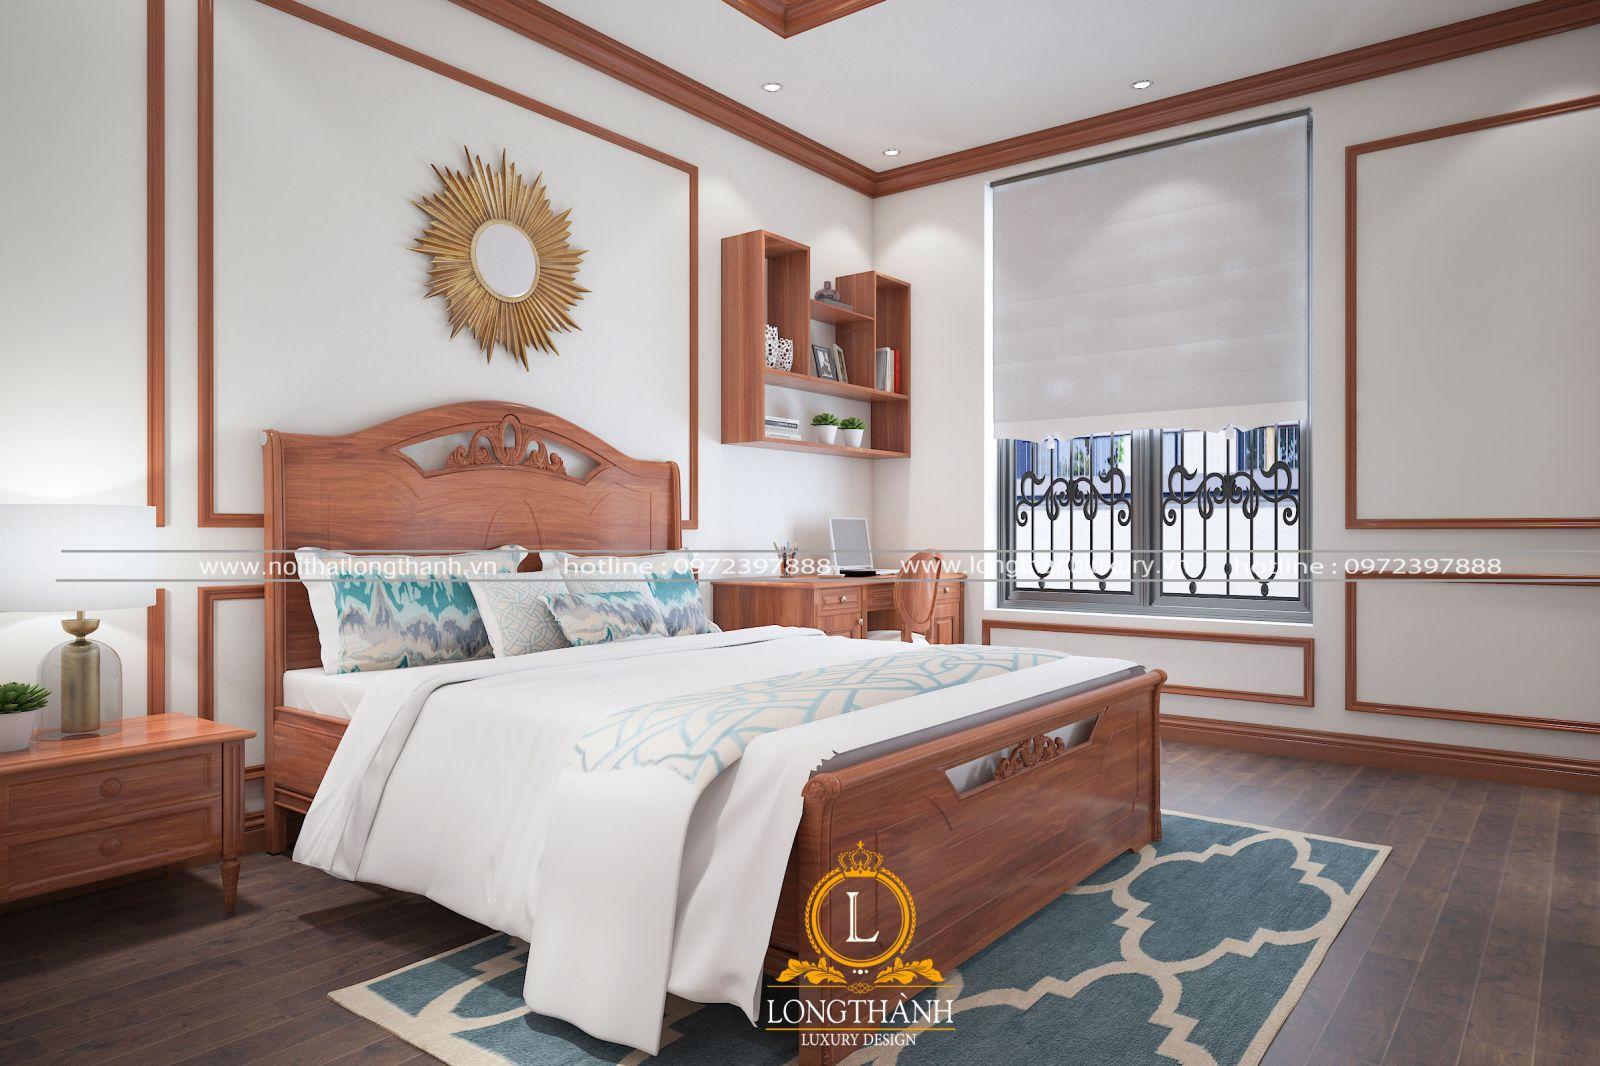 Phào gỗ được sử dụng trang trí trần tường